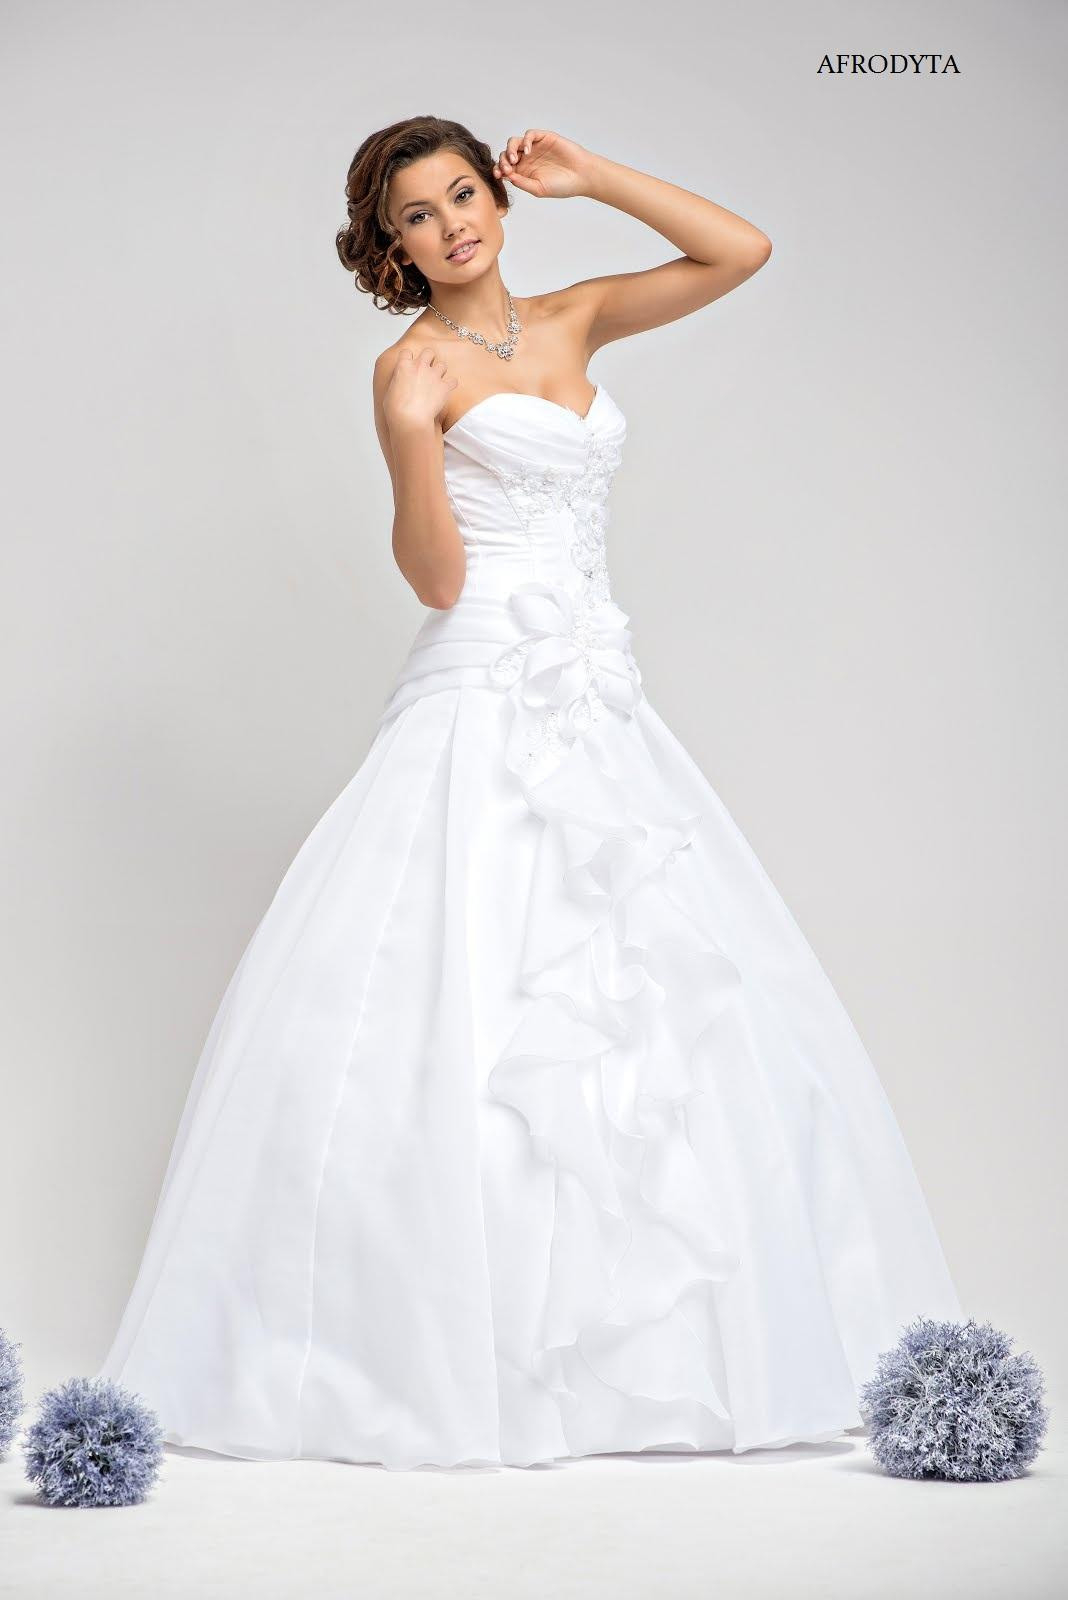 20 Top Günstige Brautkleider Stylish Wunderbar Günstige Brautkleider für 2019